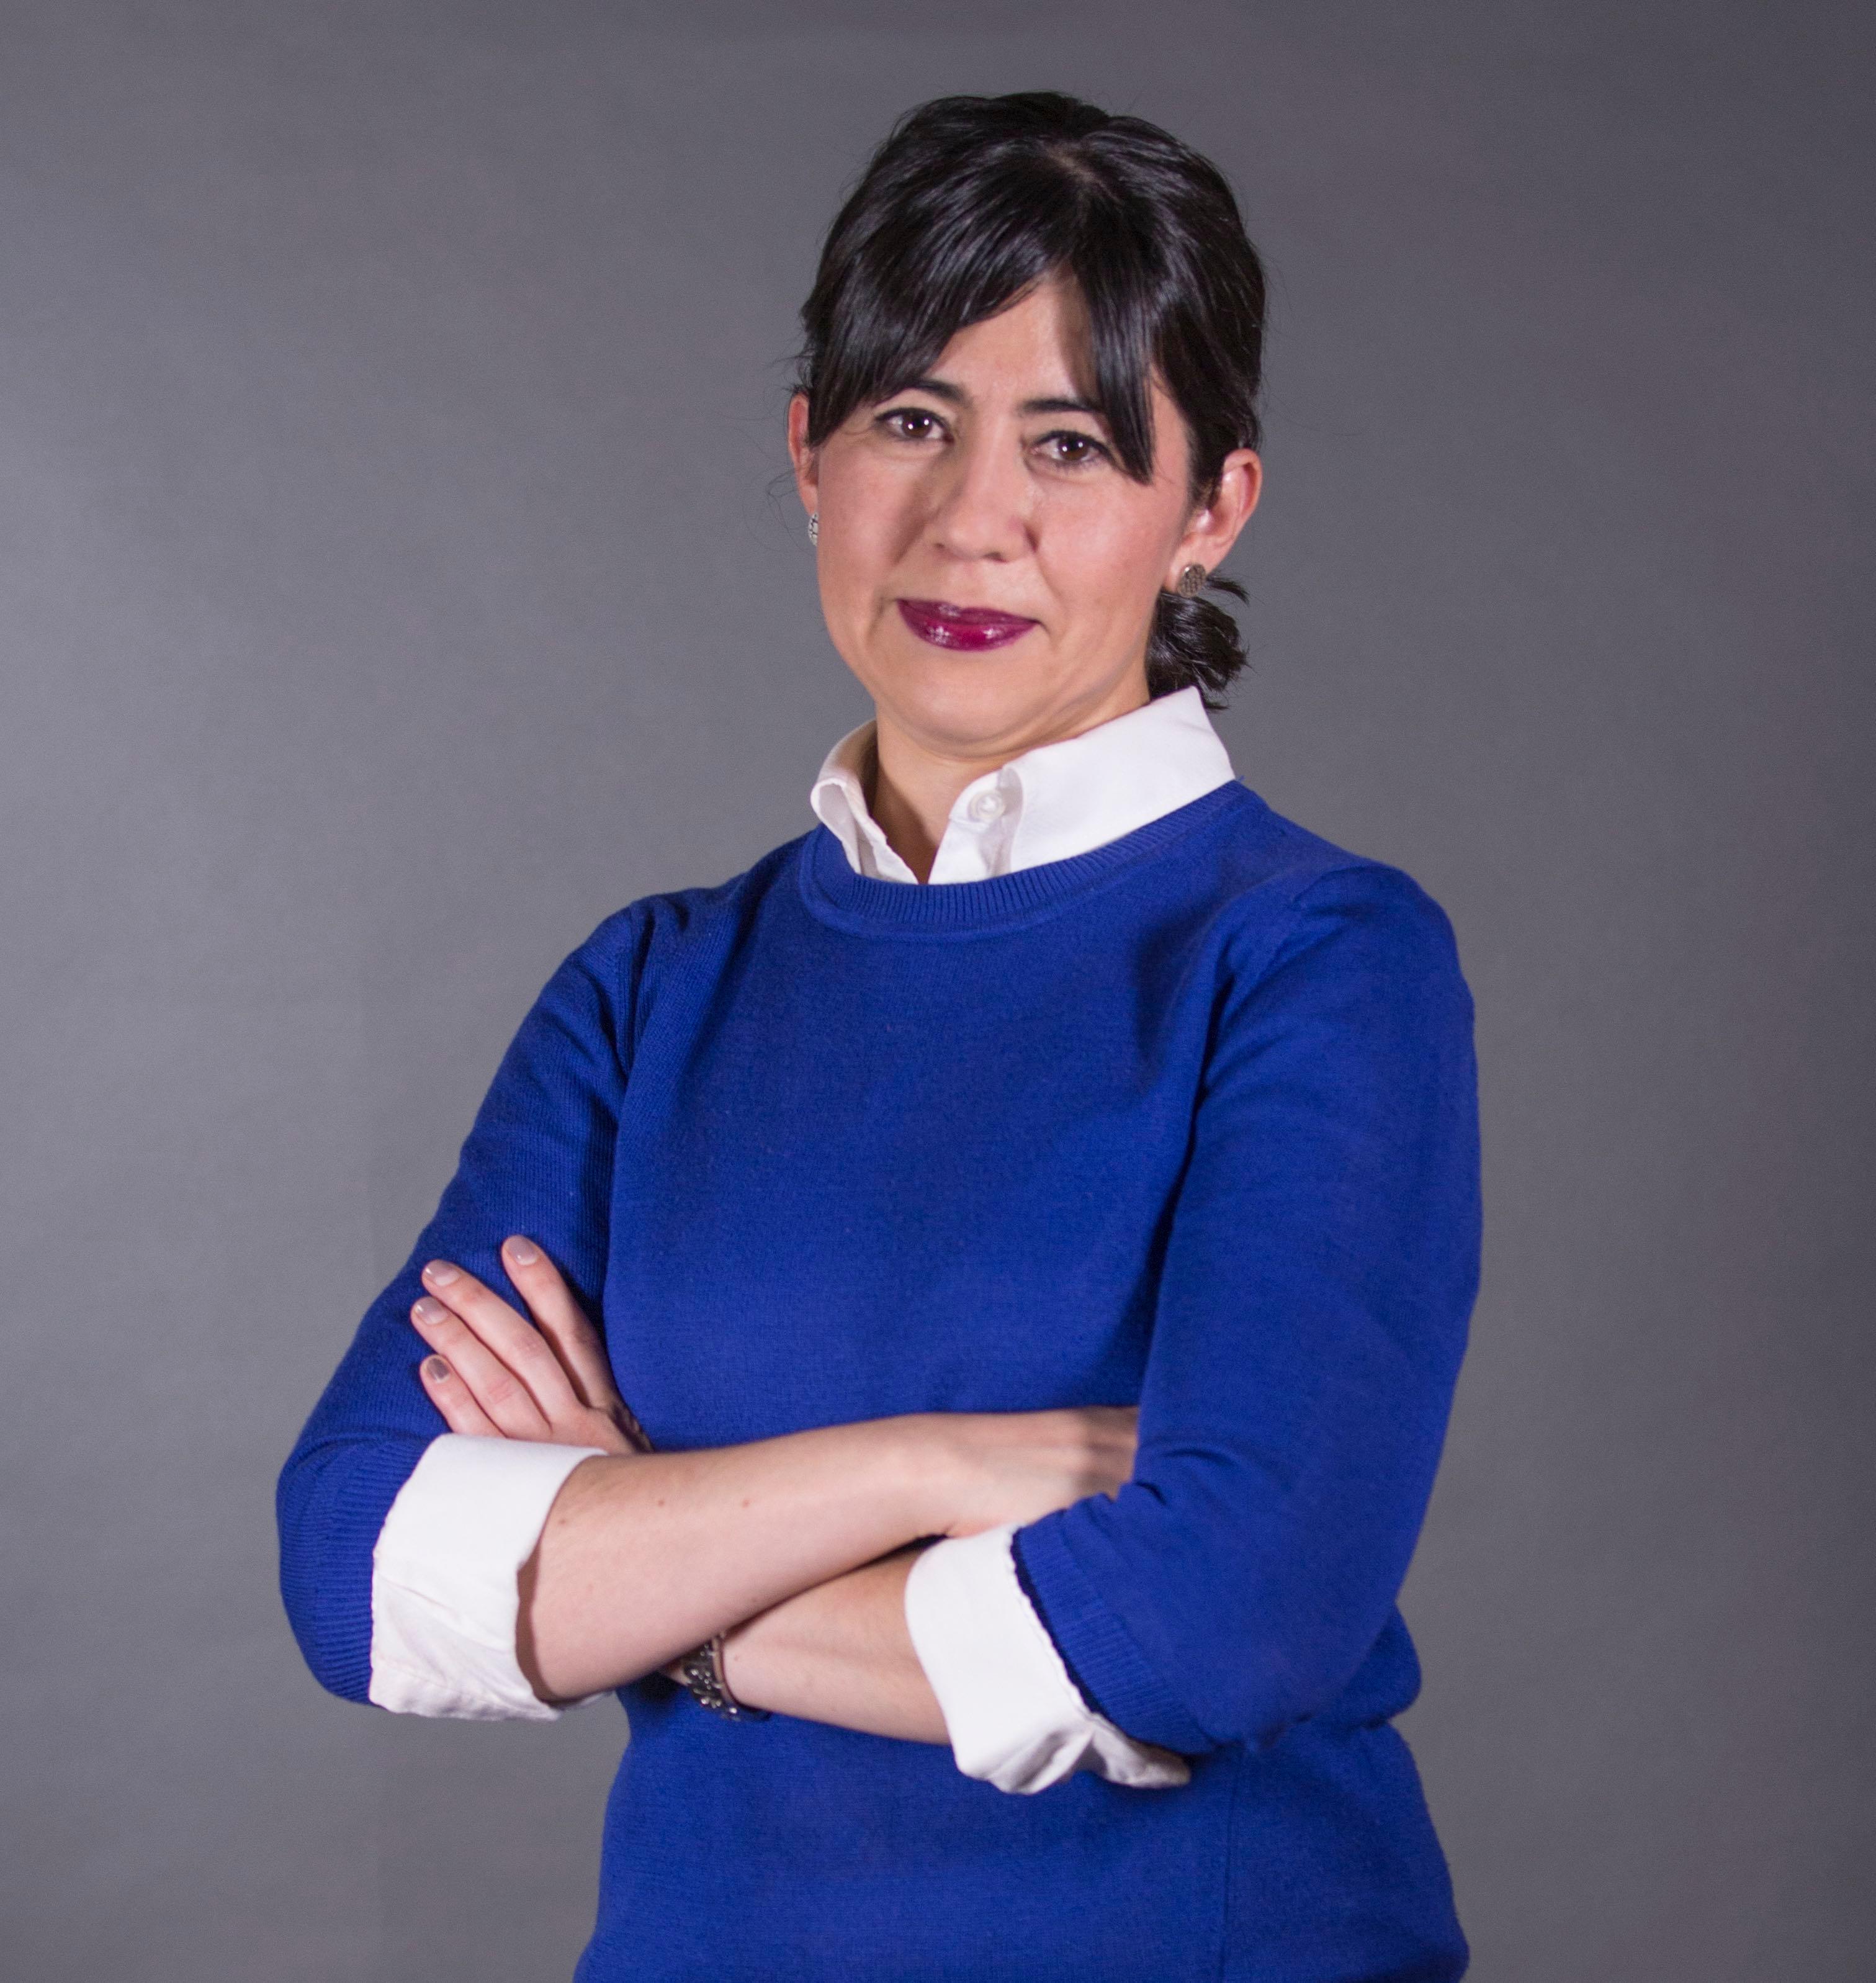 Ana Razo